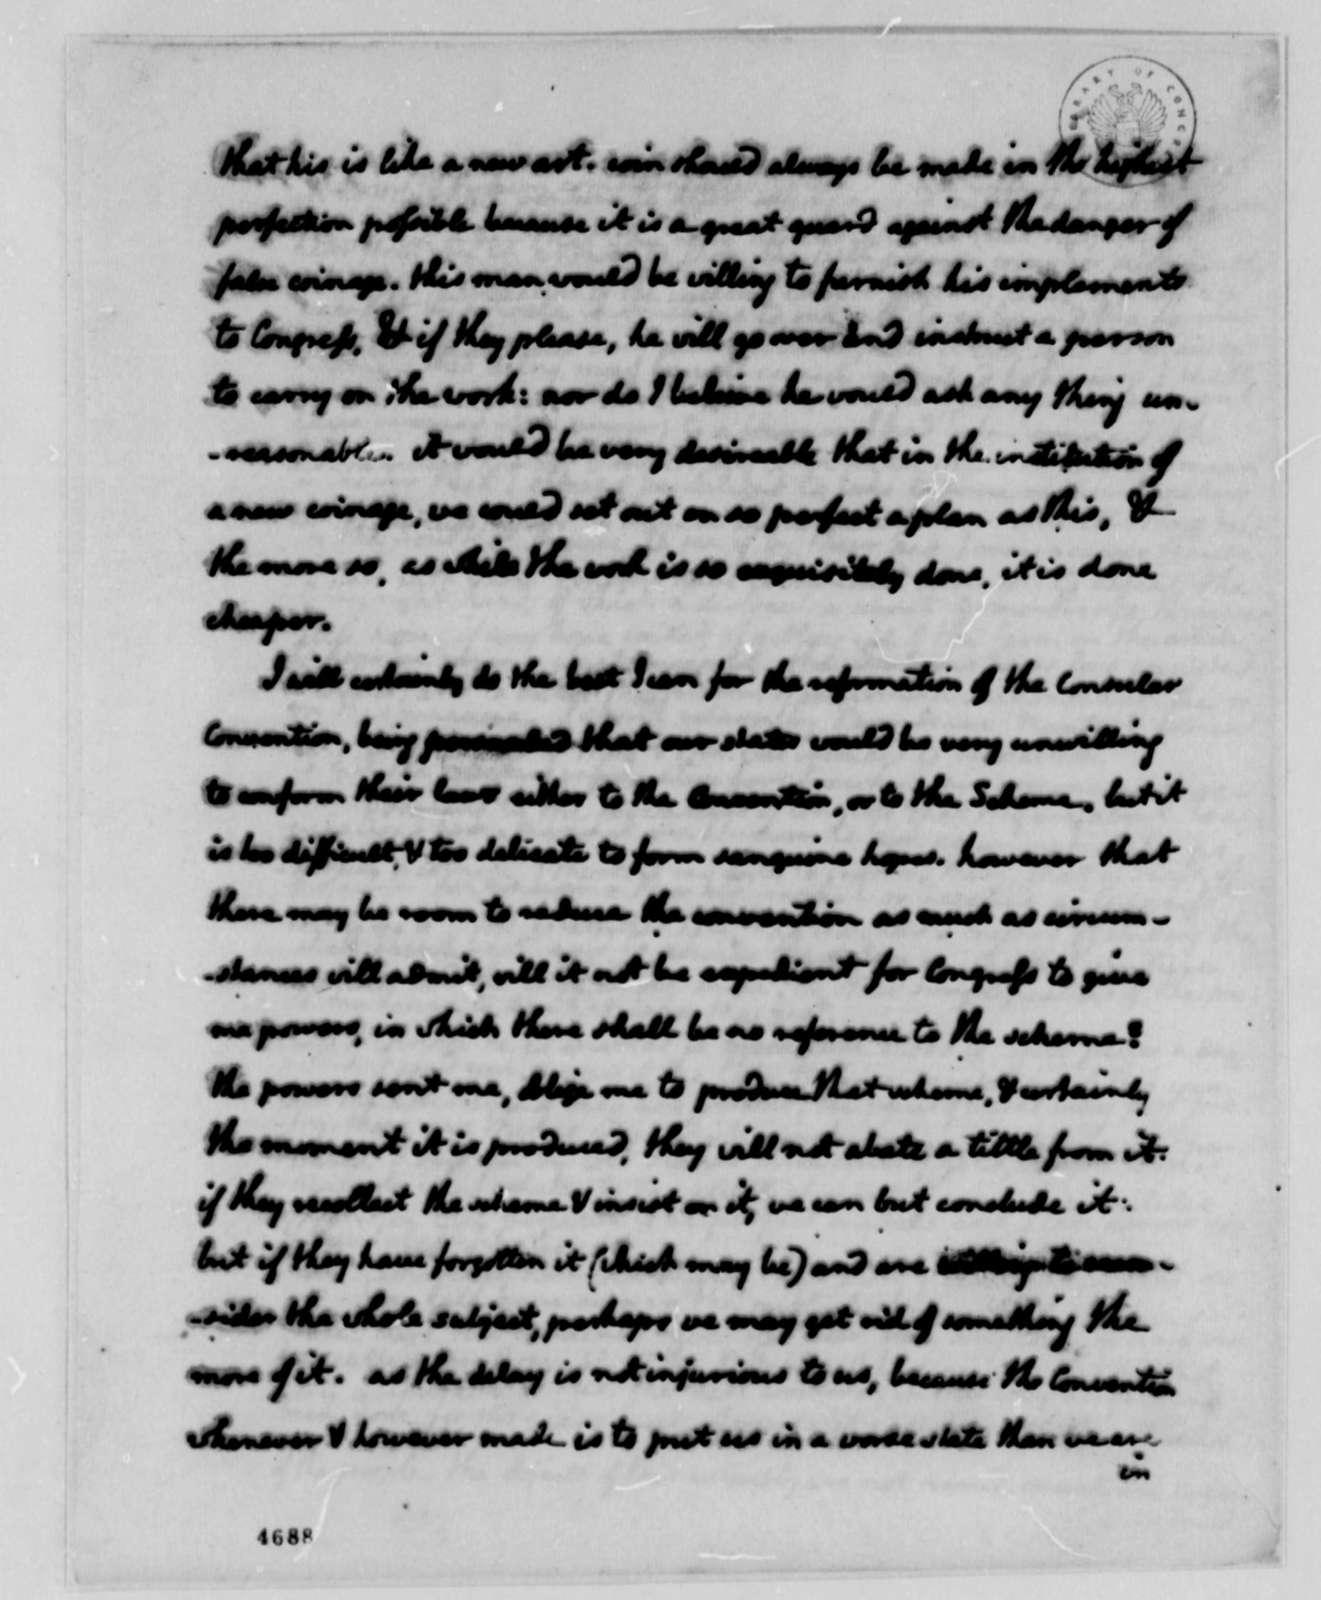 Thomas Jefferson to John Jay, January 9, 1787